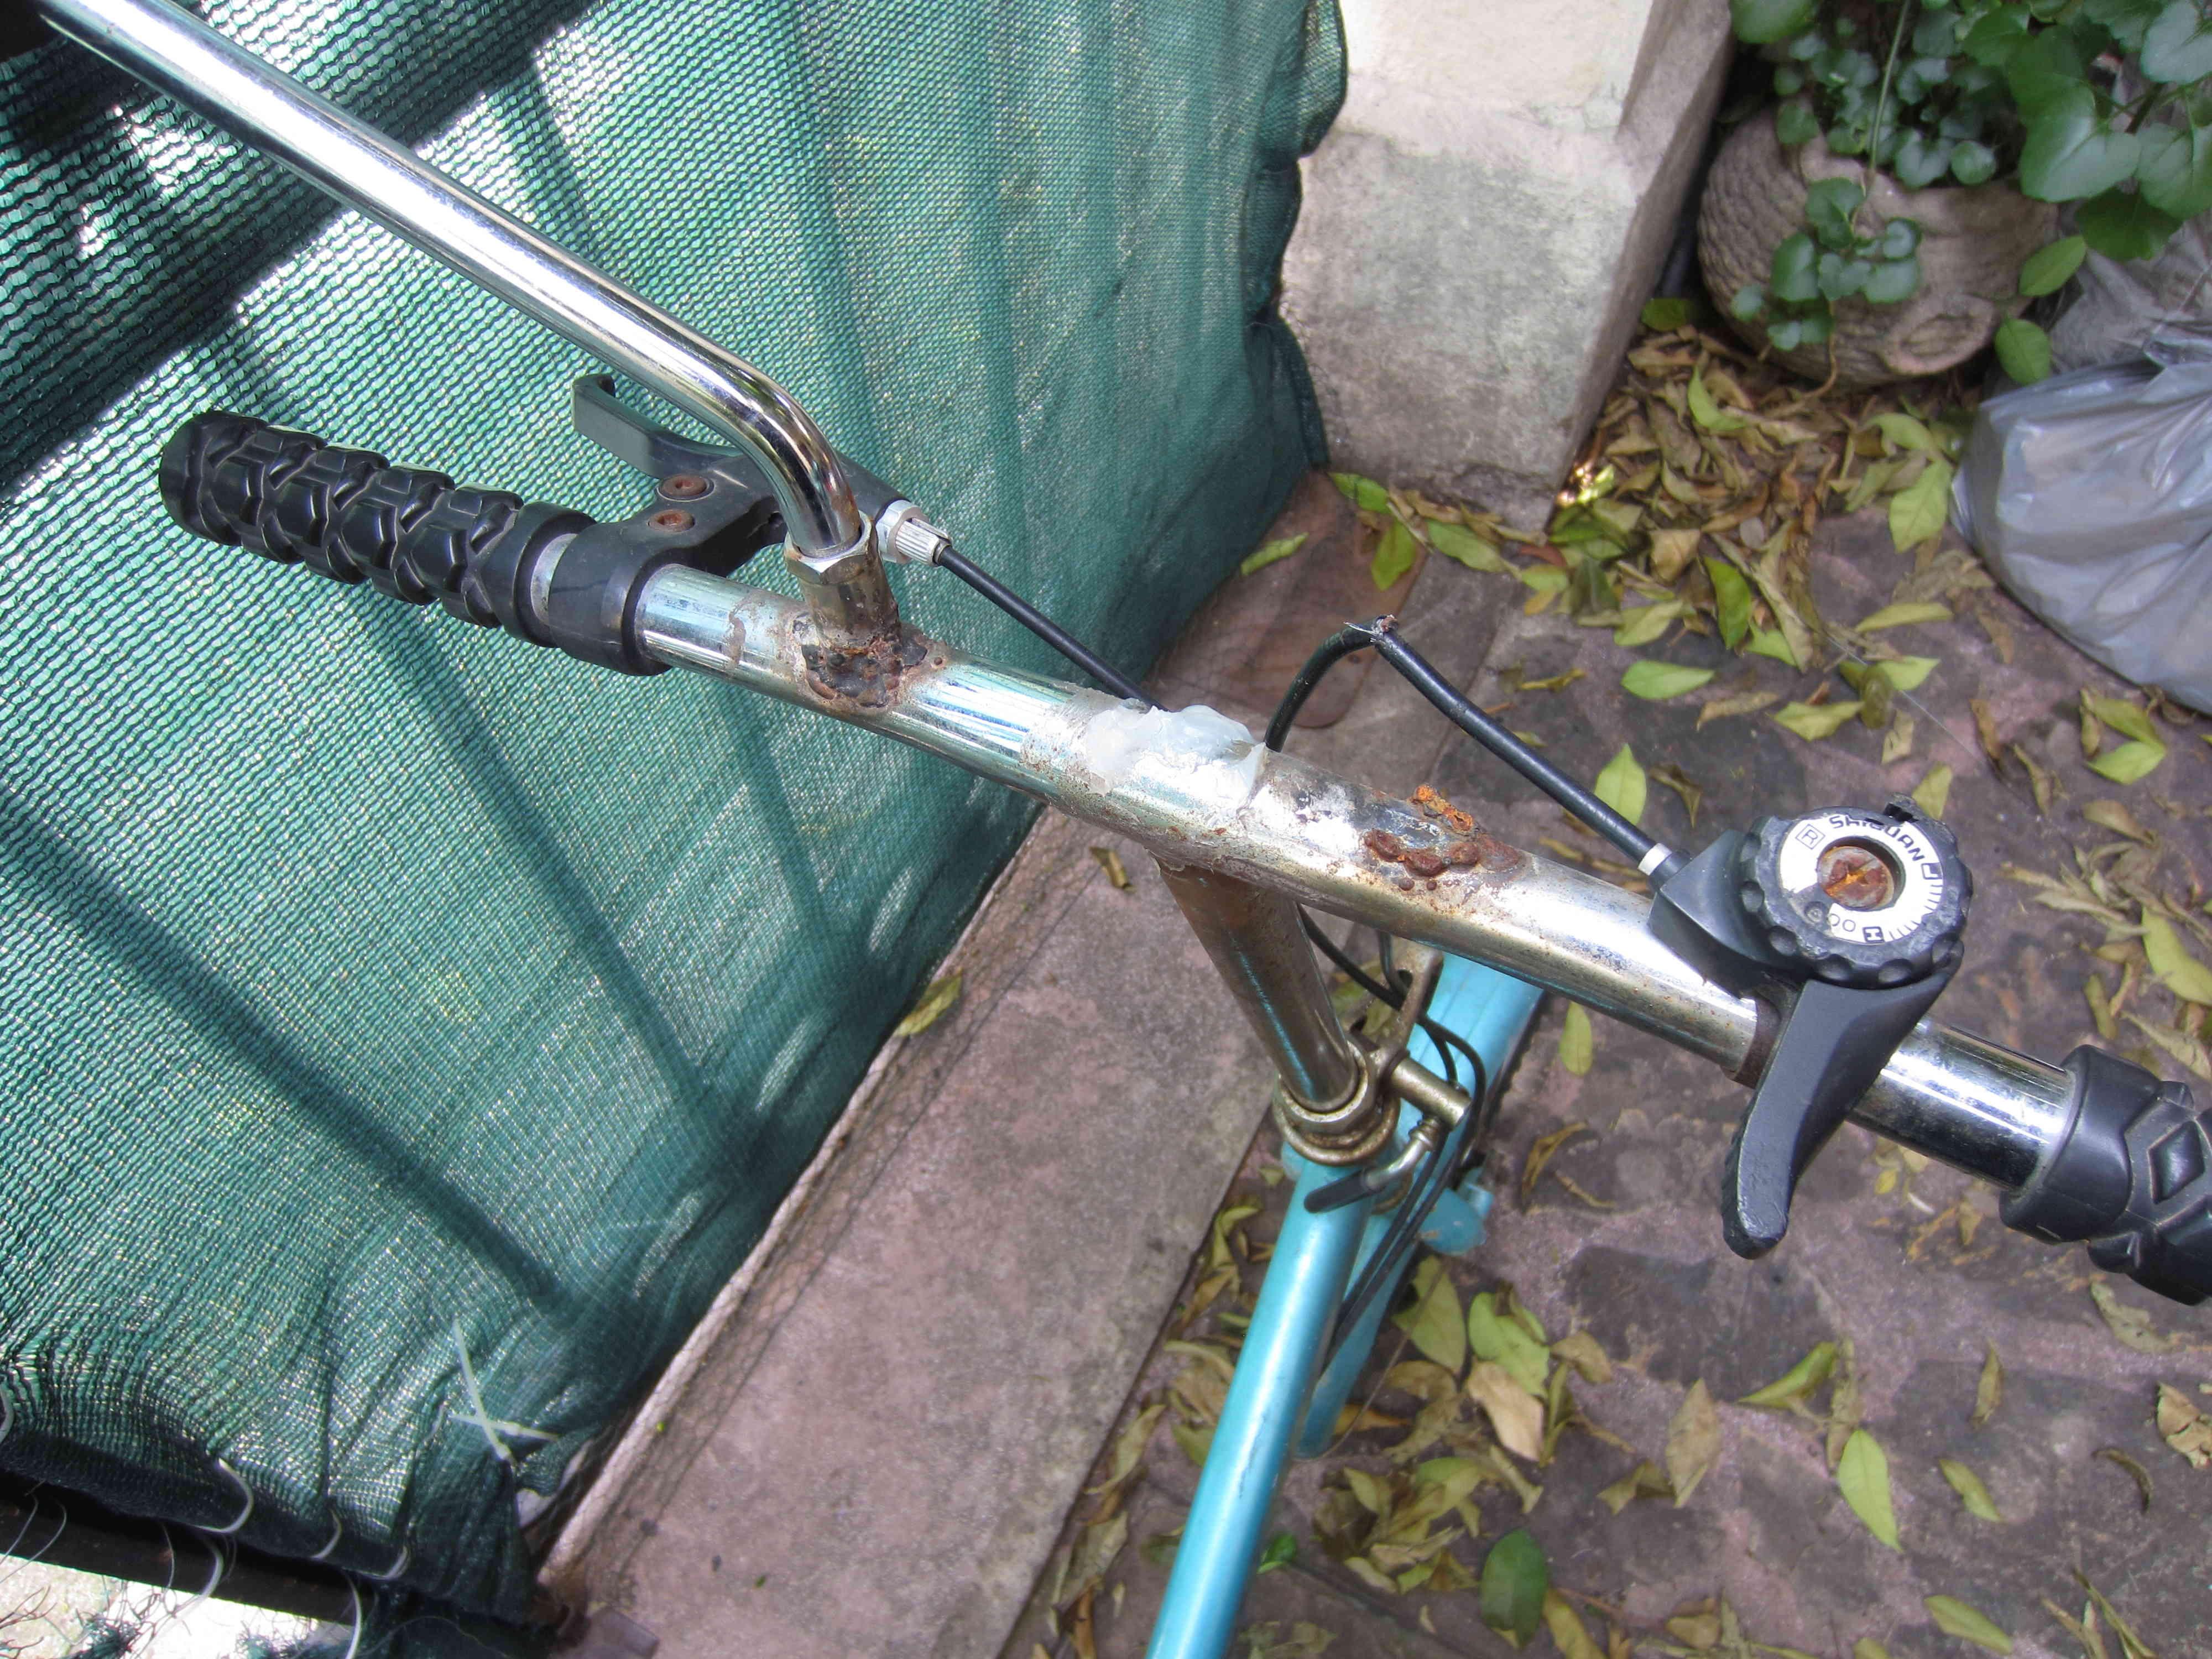 Vélo pliant Qile Duo - Y type 16 pouces Img_4231